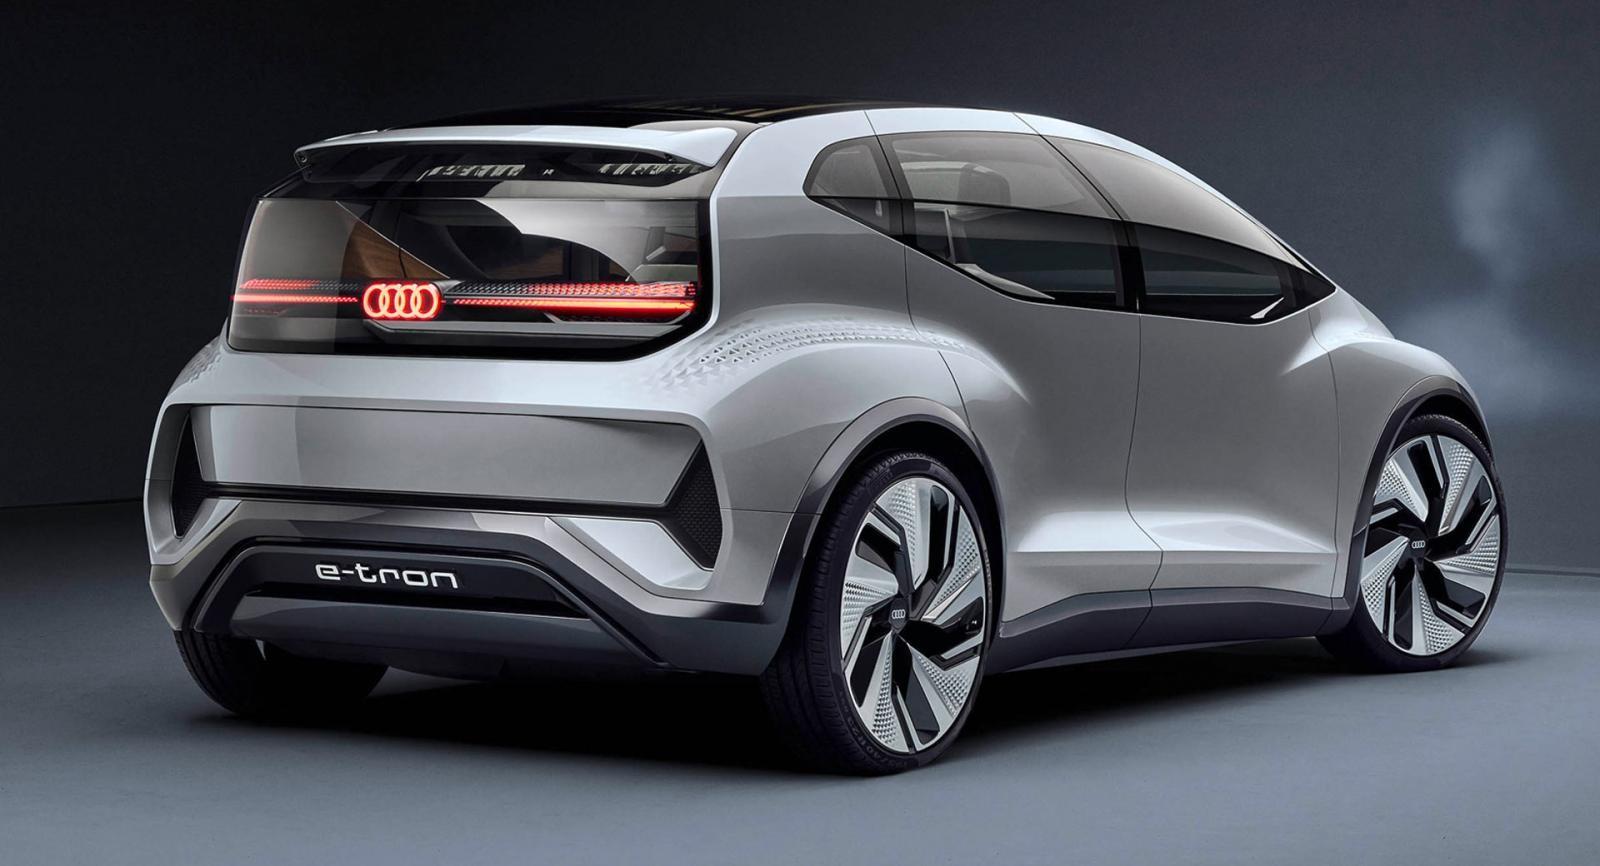 Nó sở hữu một thiết kế khác biệt hoàn toàn so với những mẫu Audi khác